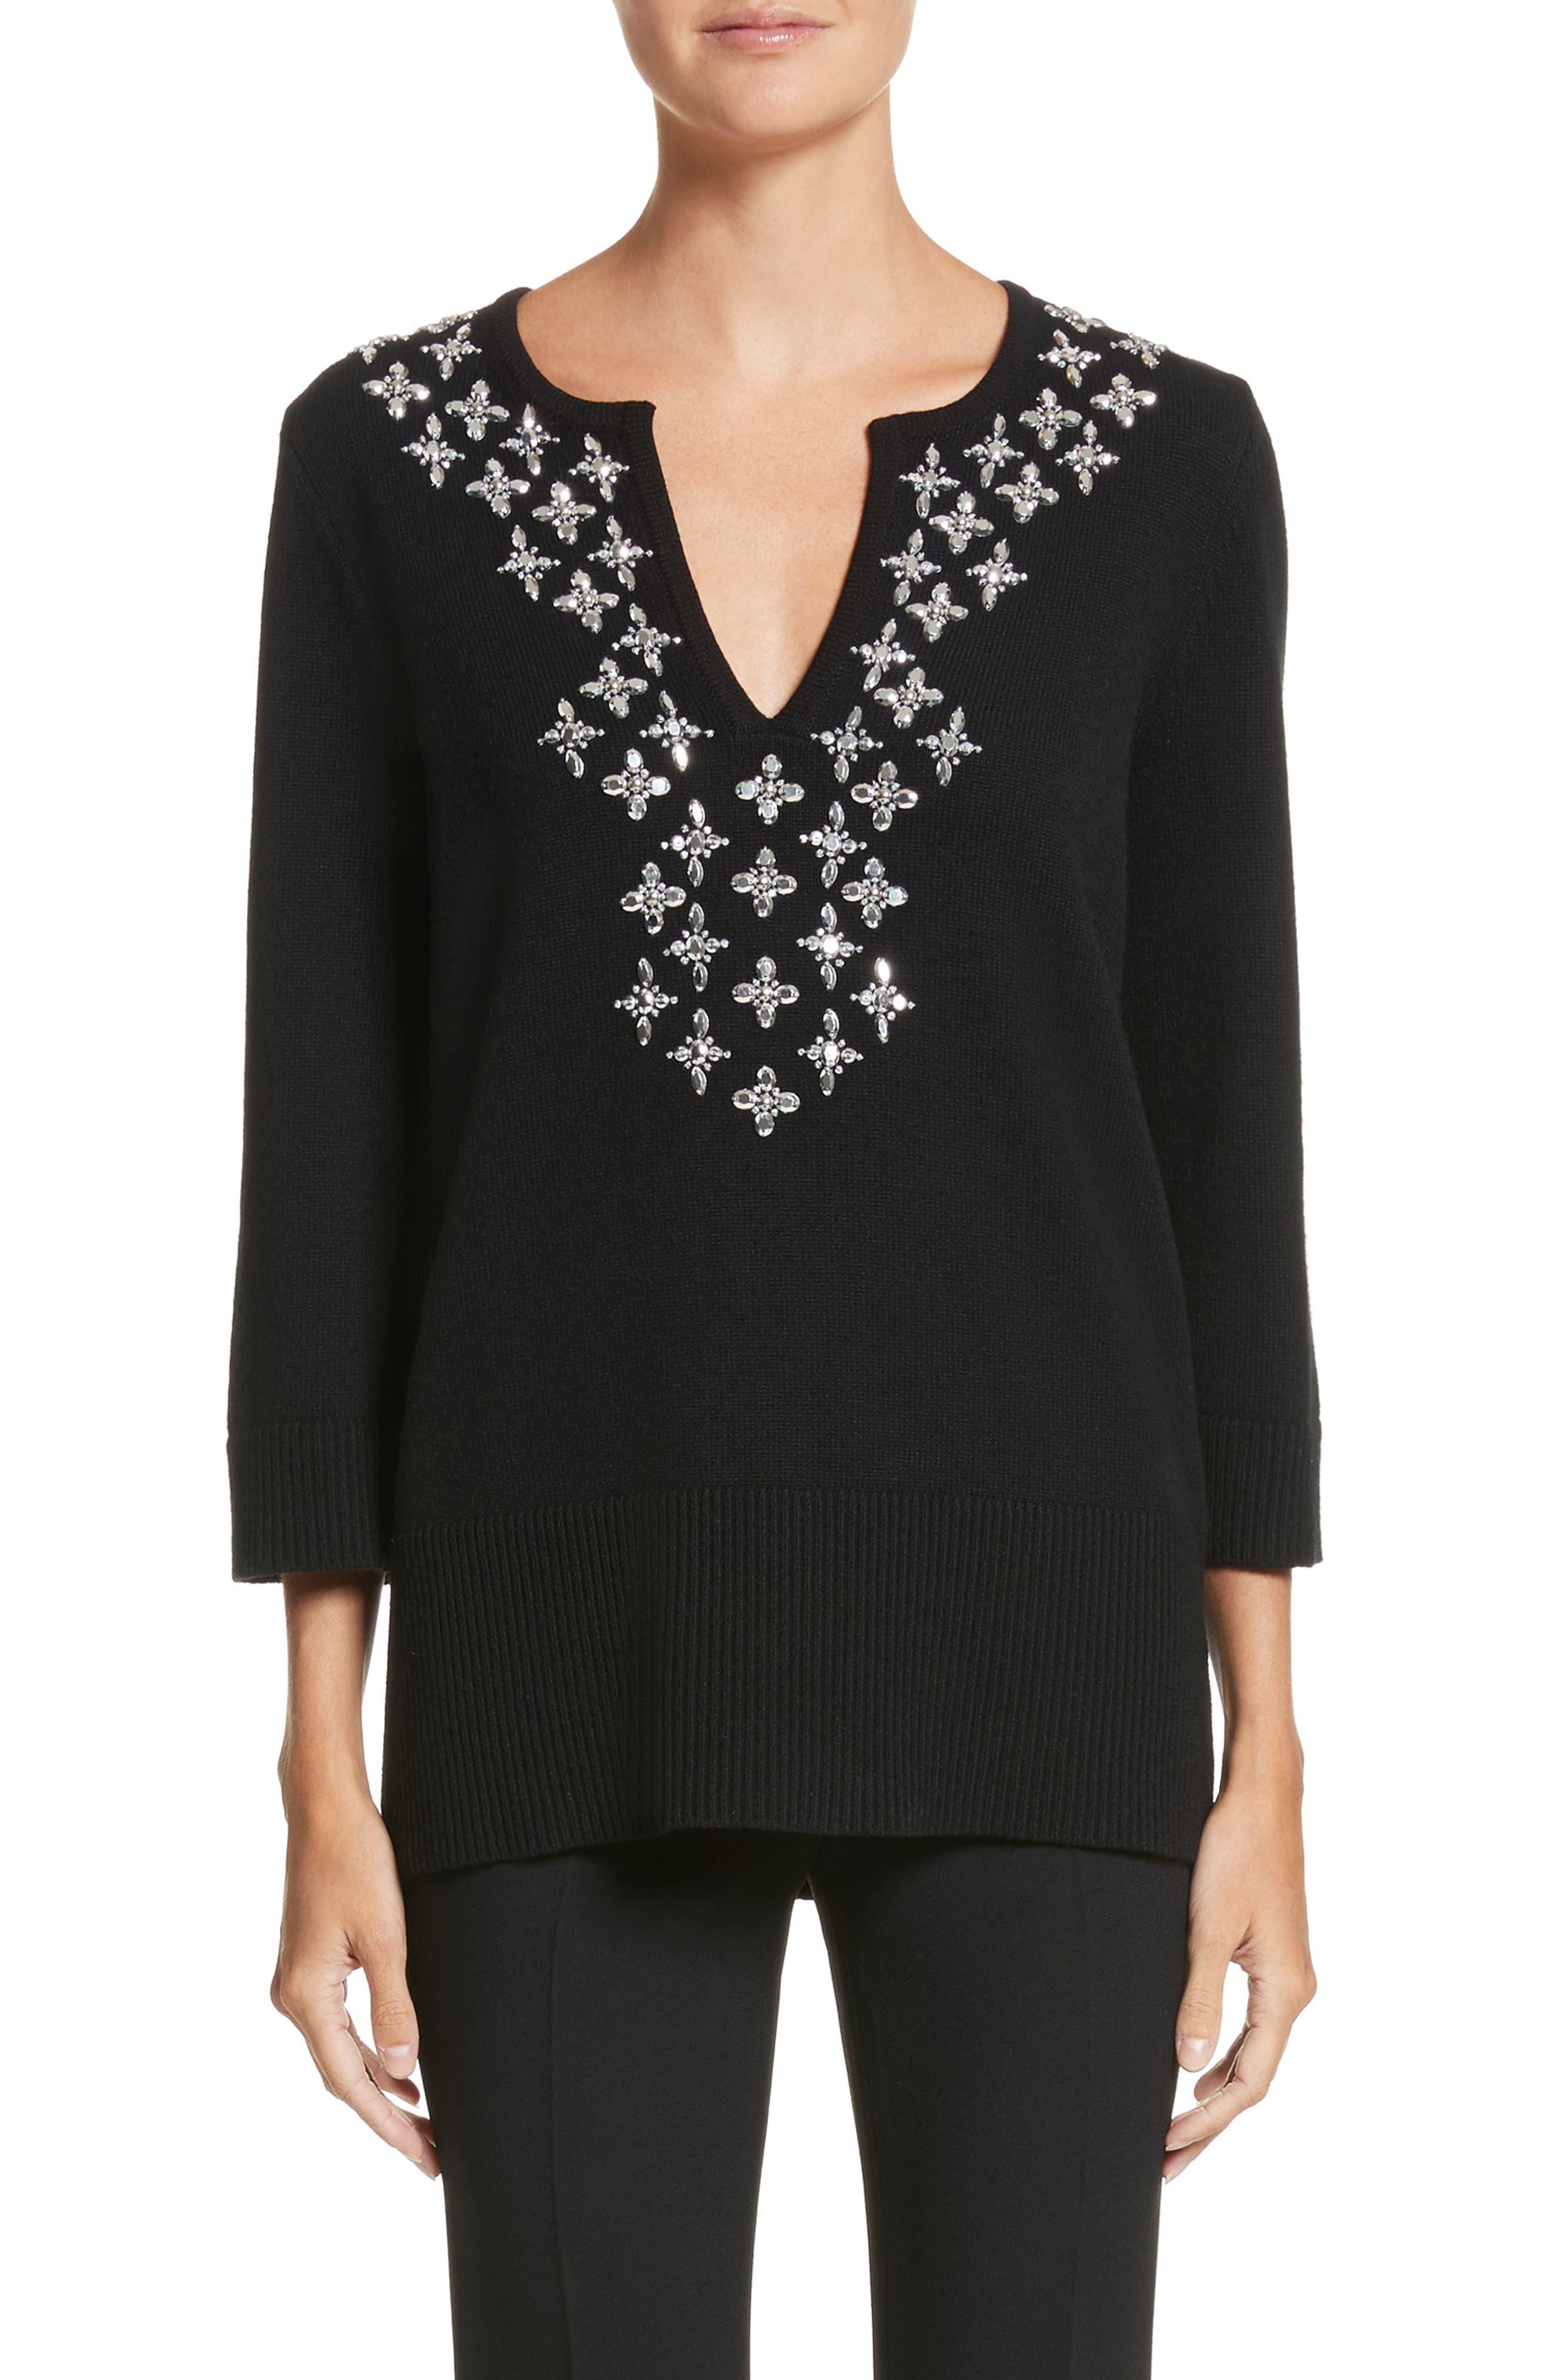 Main Image - Michael Kors Embellished Cashmere Tunic